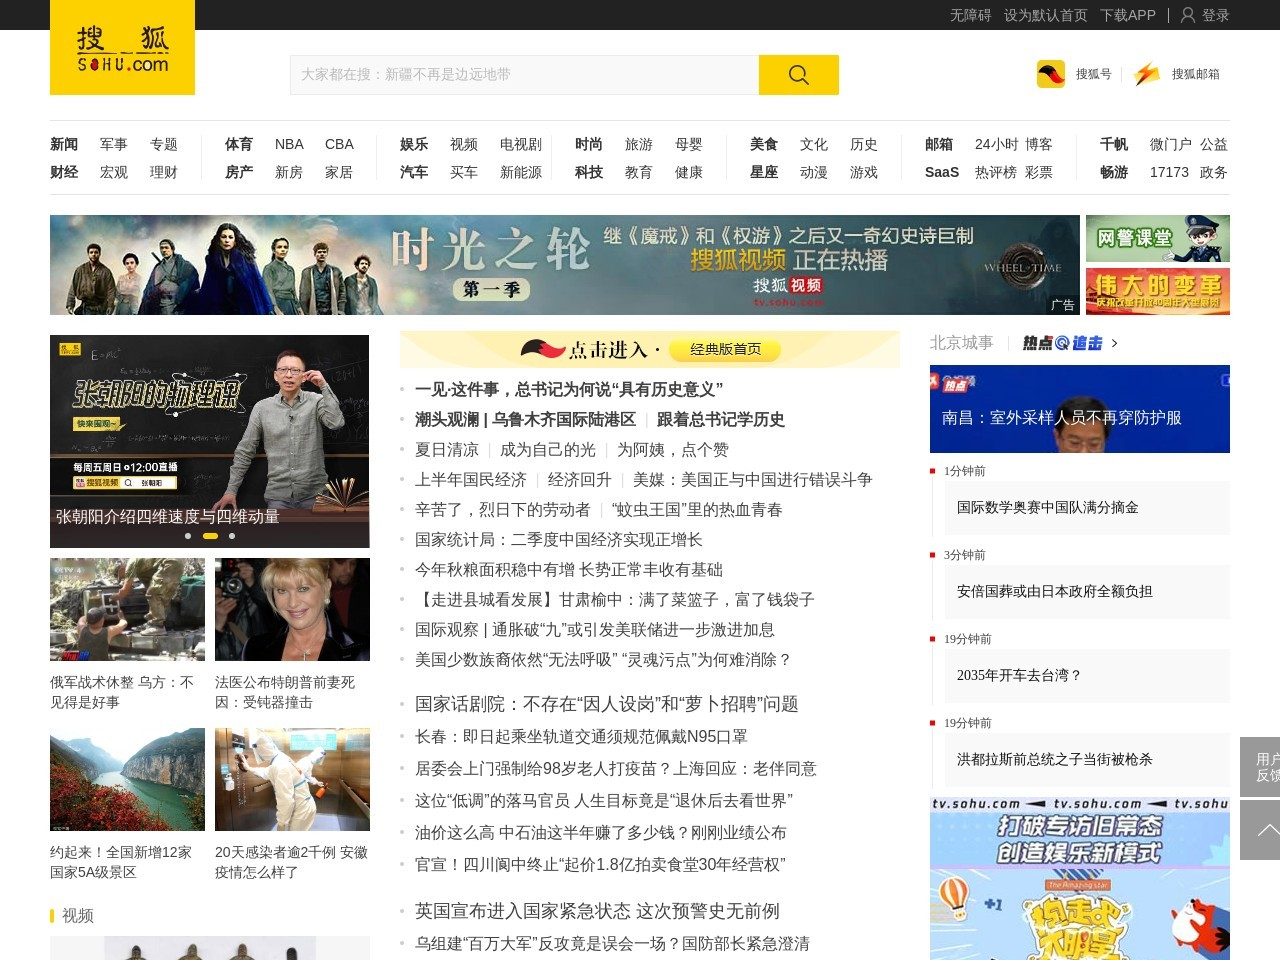 """人民锐评:反中乱港者,舍不得""""违法达义""""的招牌_香港"""